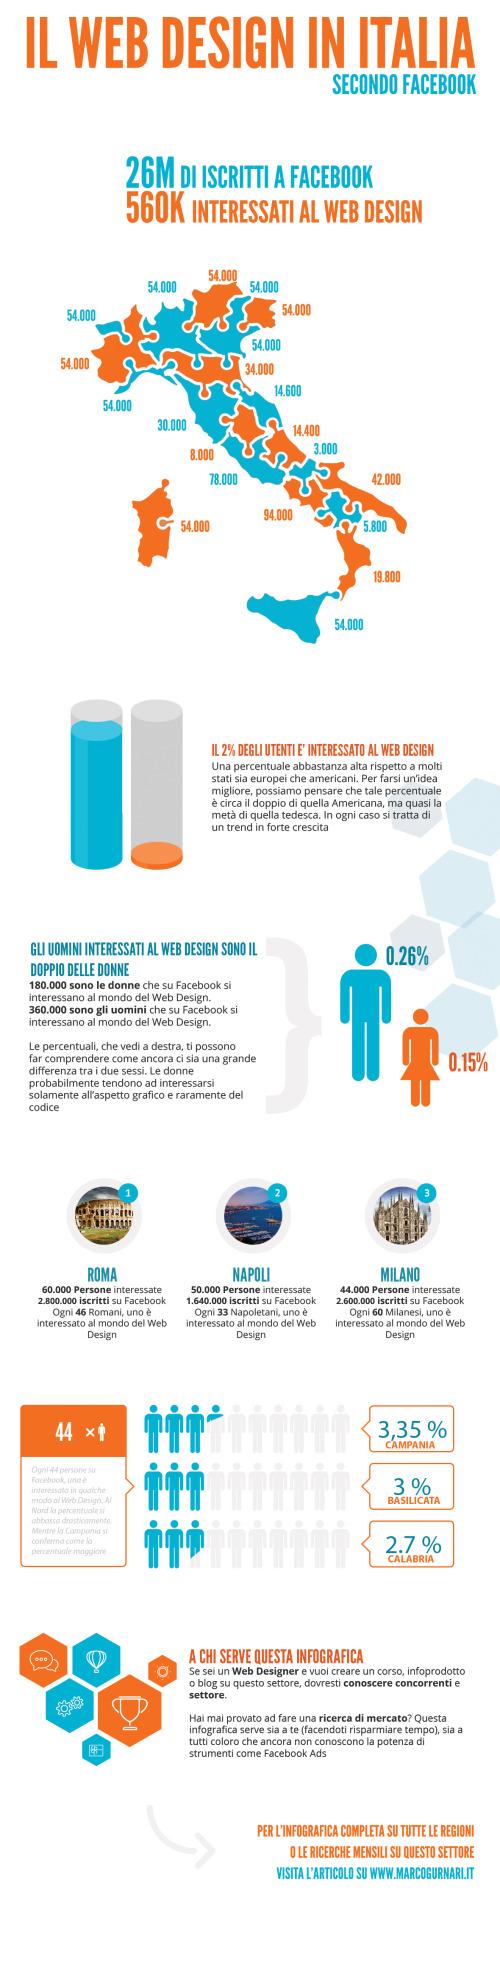 infographic web design italia ricerca di mercato